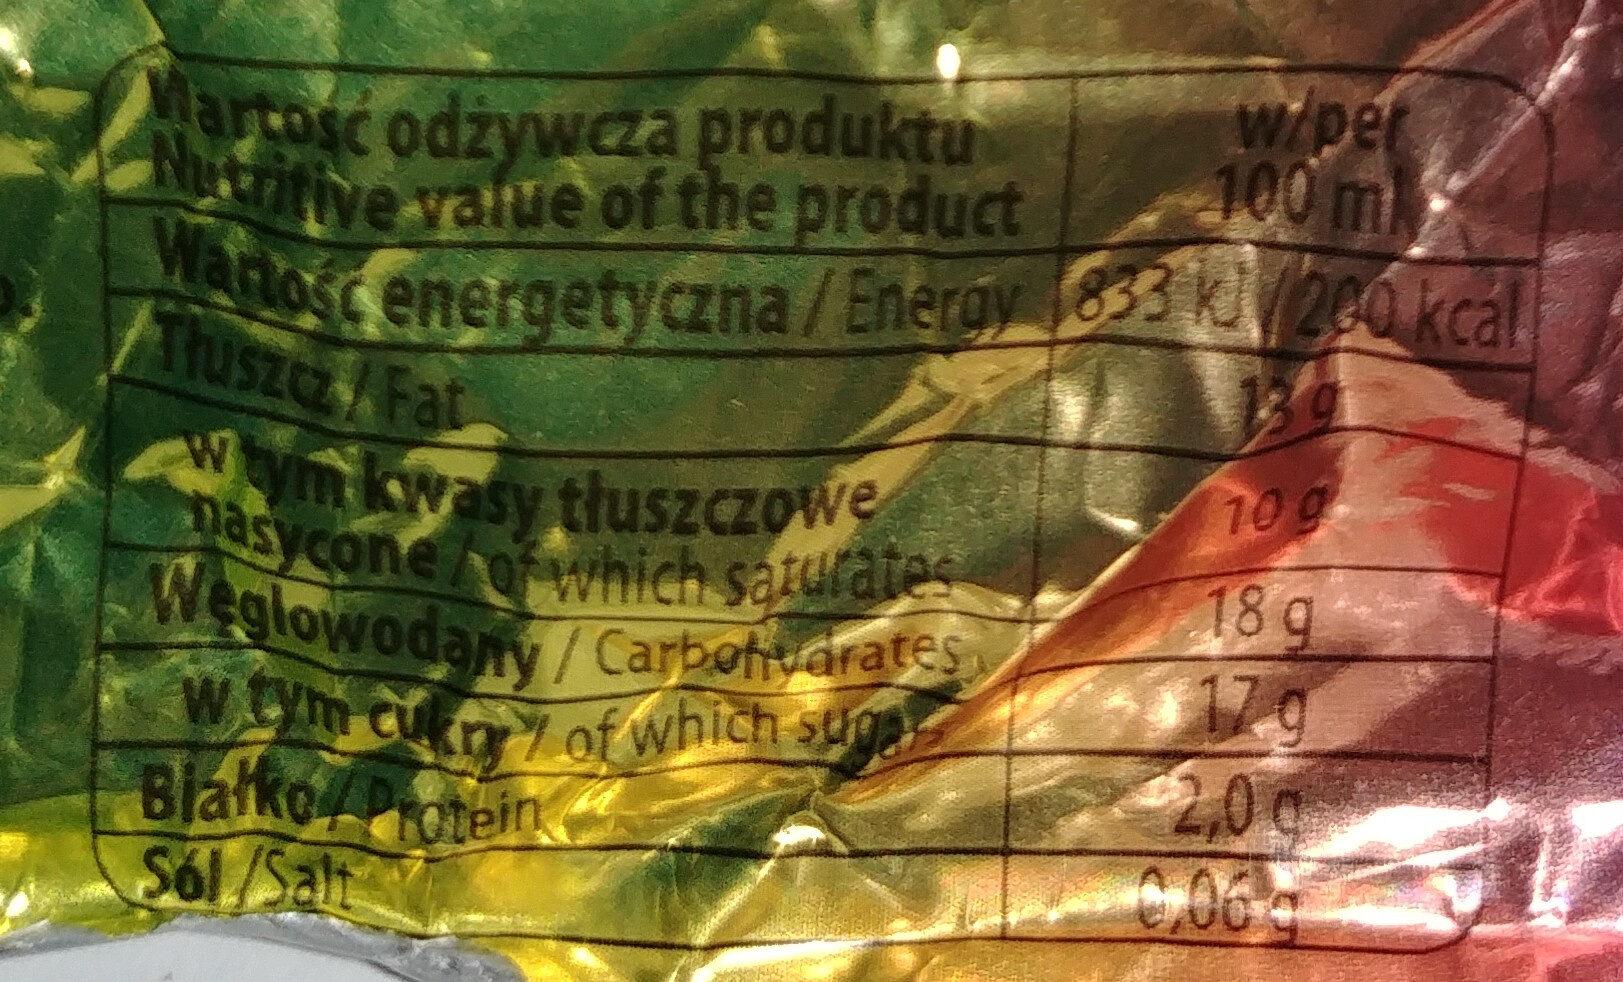 Lody o smaku waniliowym z nadzieniem owocowym (10%) w polewie z dodatkiem czekolady (20%) i orzeszków arachidowych (3%). - Wartości odżywcze - pl